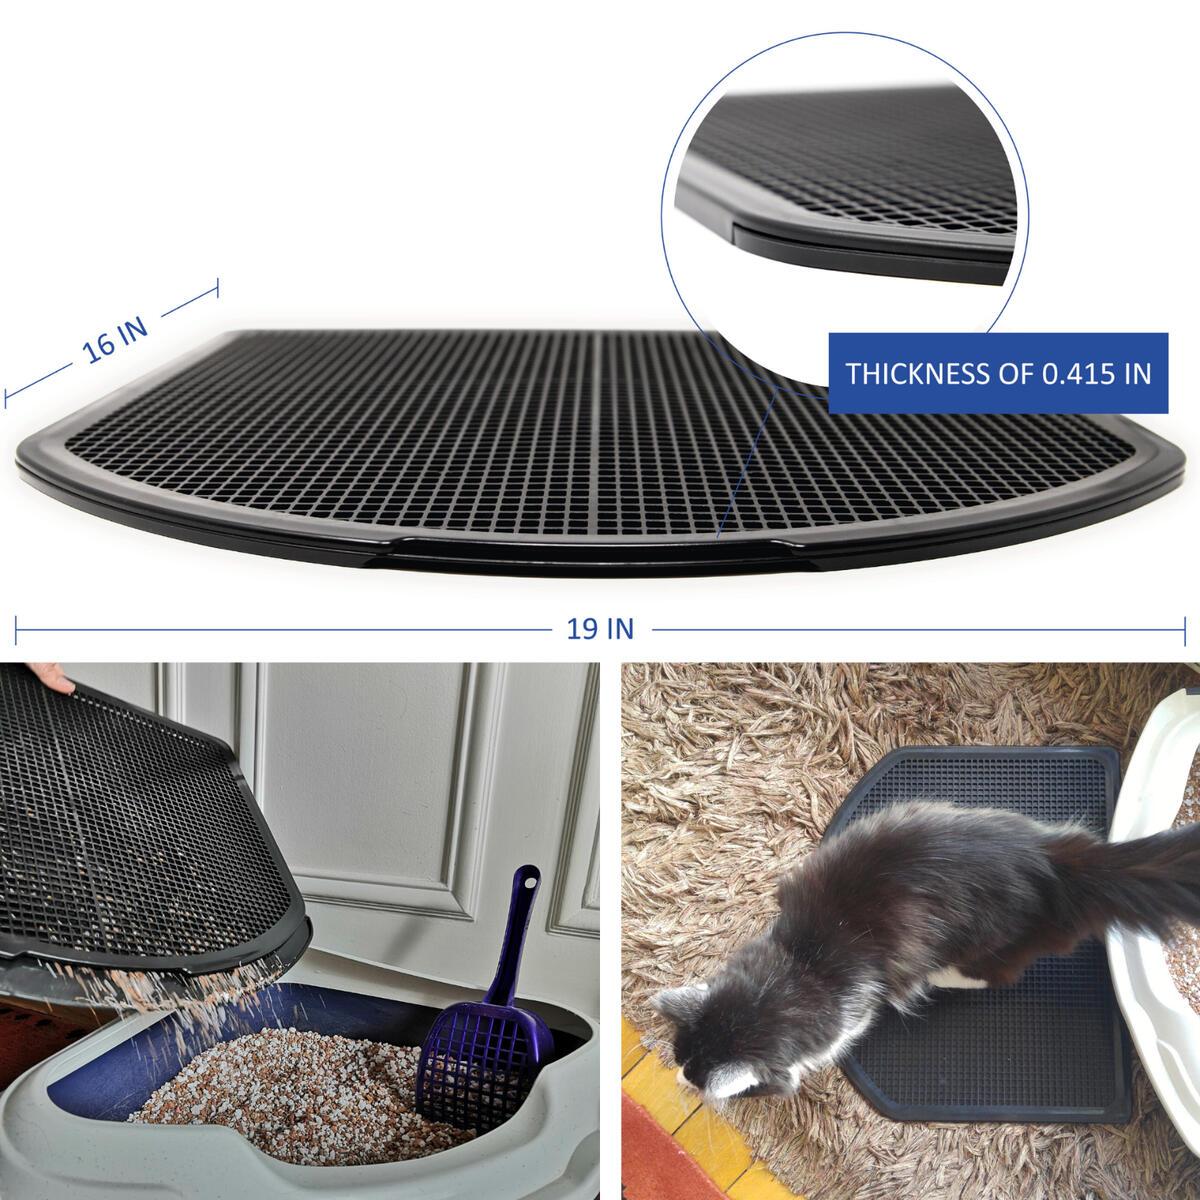 DzelCat SpreadZtrap Cat Litter Mat - ABS Plastic Litter Box Mat for Cats & Dogs - Waterproof 16